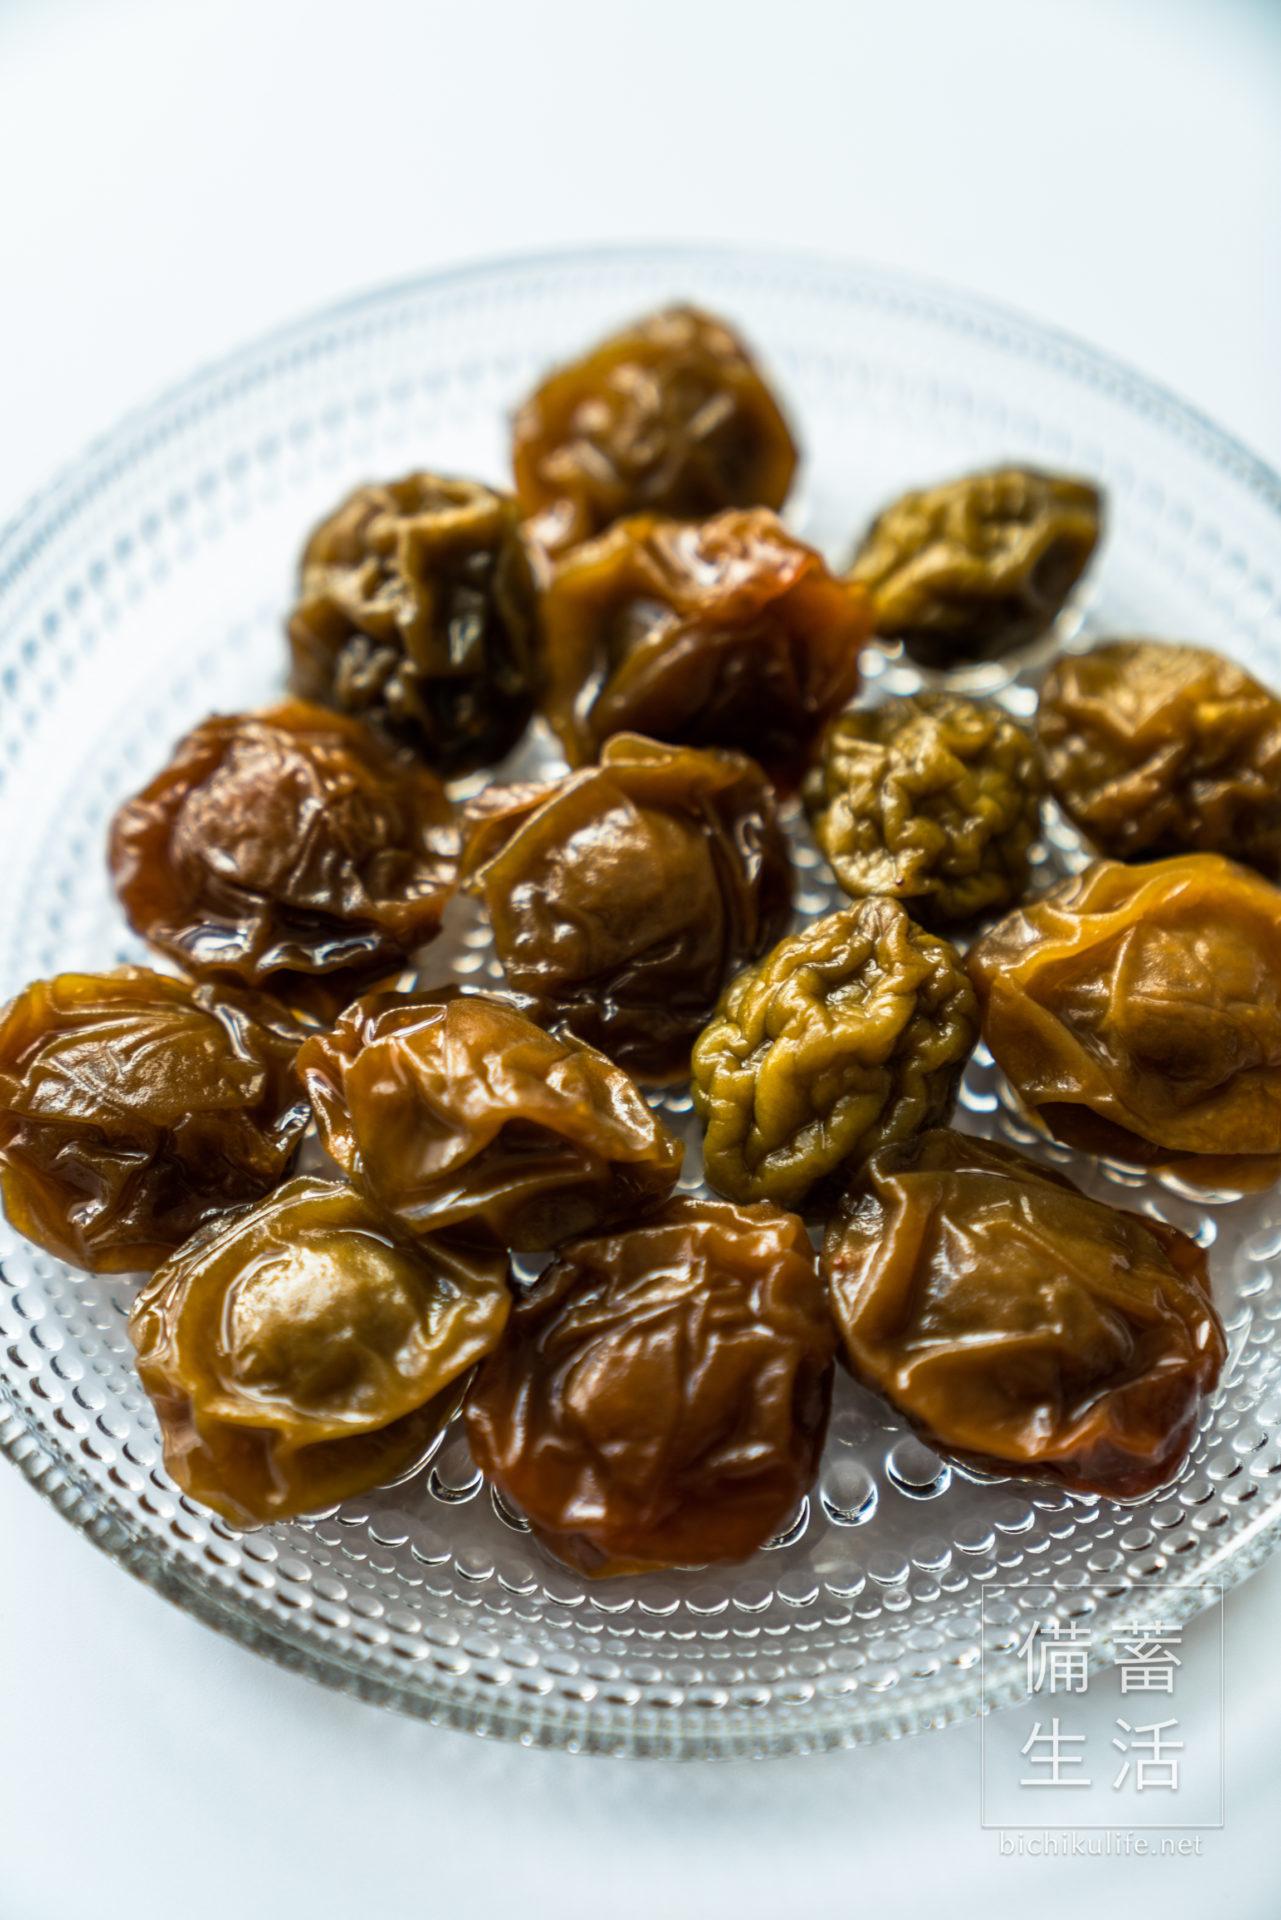 梅ジャムの作り方・レシピ(梅シロップに残った梅で作る)材料の梅